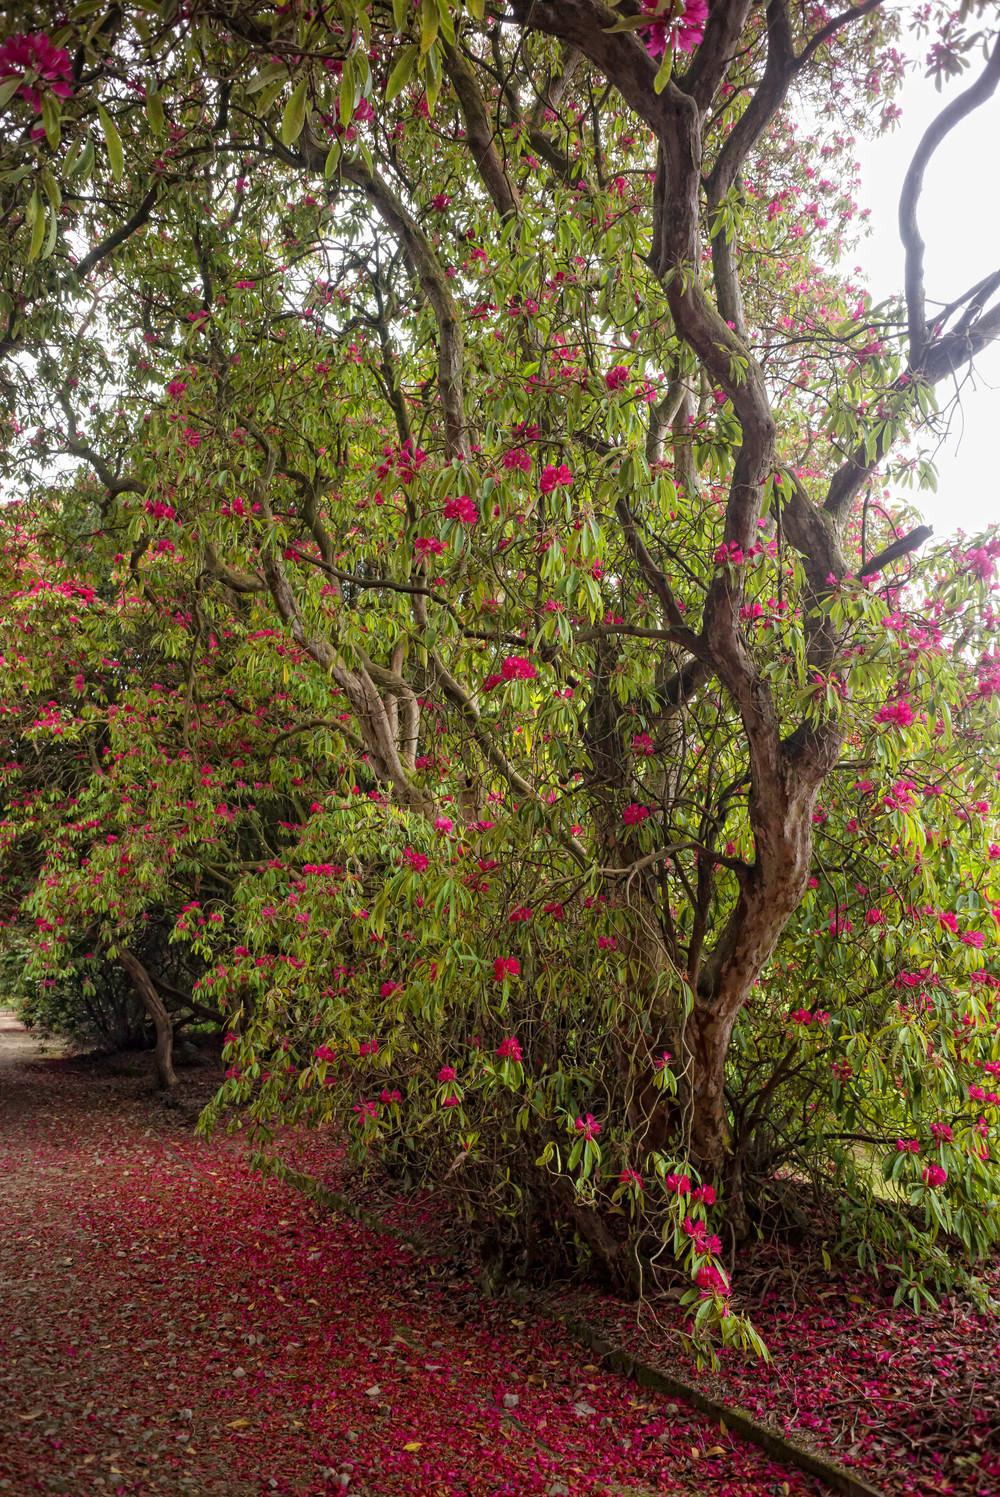 Kilmacurragh Arboretum May 2016 13 Rhododendrons 3  (1 of 1).jpg